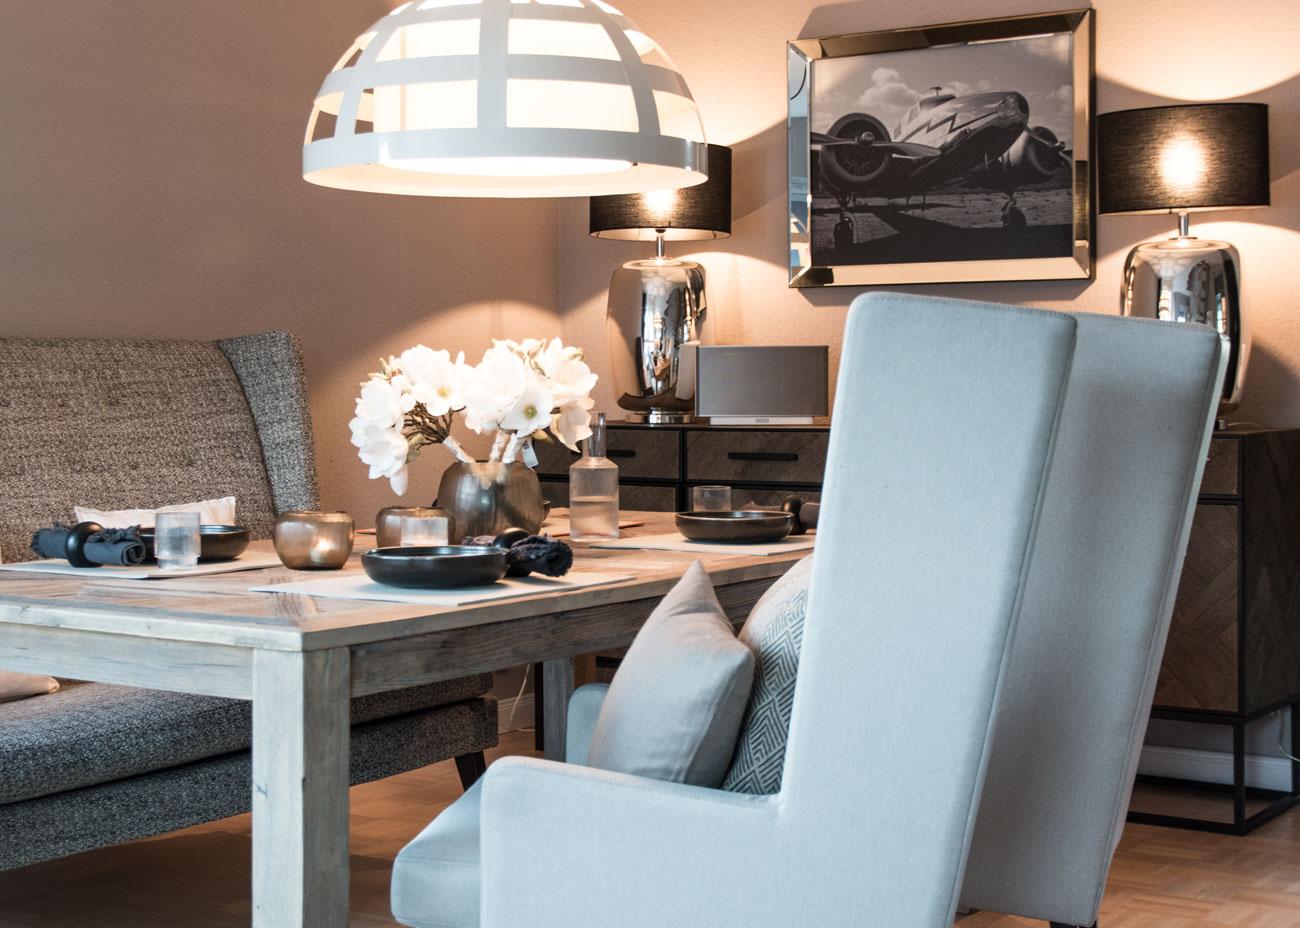 Wohnung renovieren esstisch holz pendelleuchte leuchten schwarz bild sessel beige